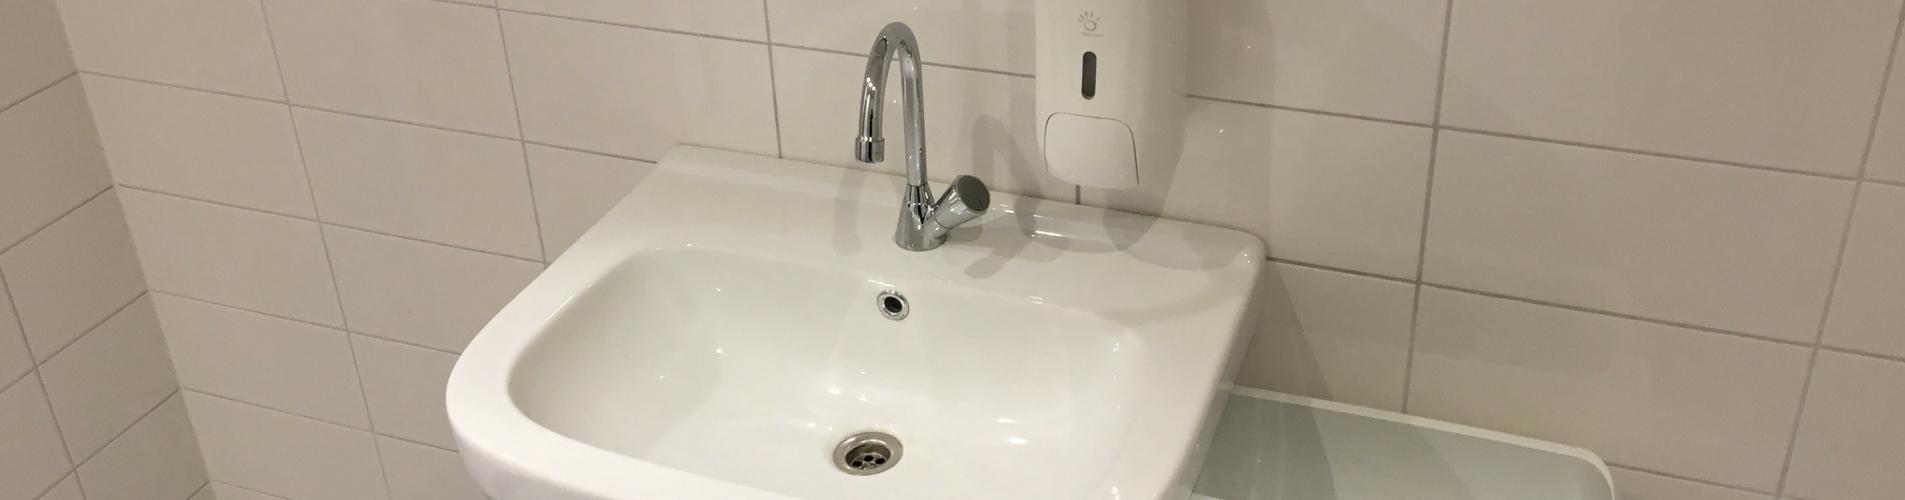 sanitair-vloeren-reinigen-header